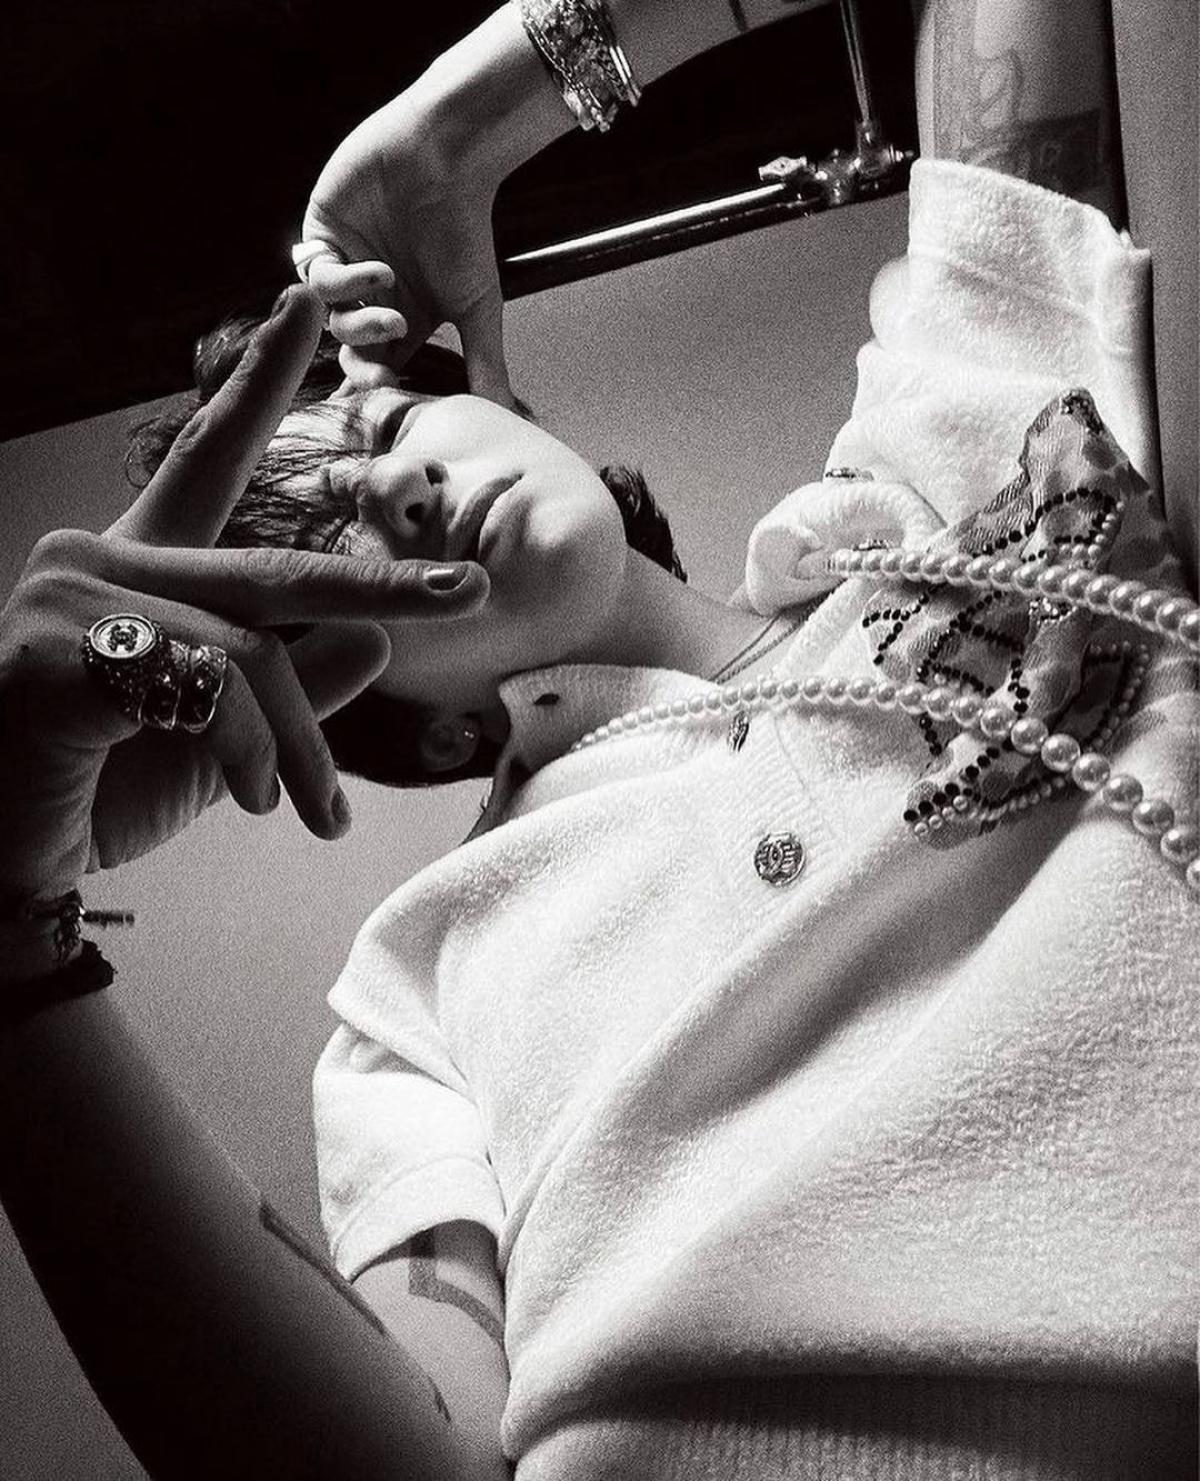 G-Dragon khẳng định đẳng cấp 'Ông hoàng thời trang' với 8 trang bìa tạp chí - Ảnh 6.